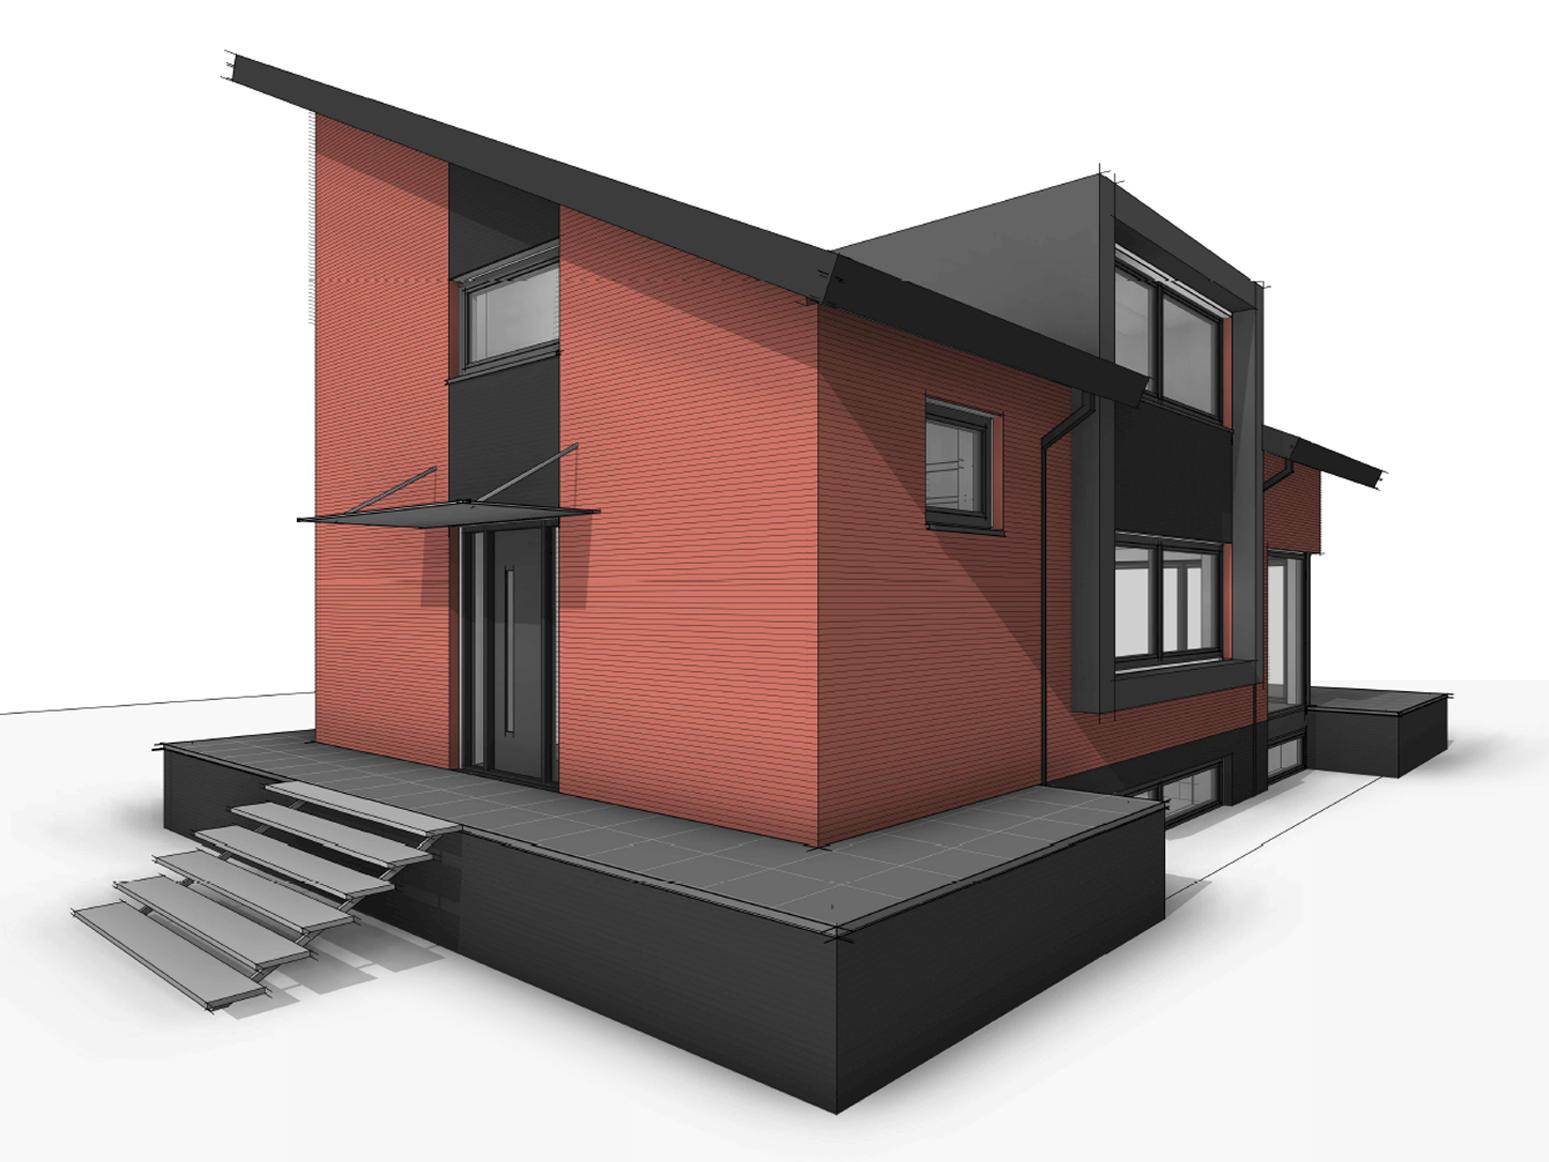 villa-vaassen-metselwerk-volledig-pv-dak-van-oord-architectuur-en-design-wenum-wiesel-architect-apeldoorn